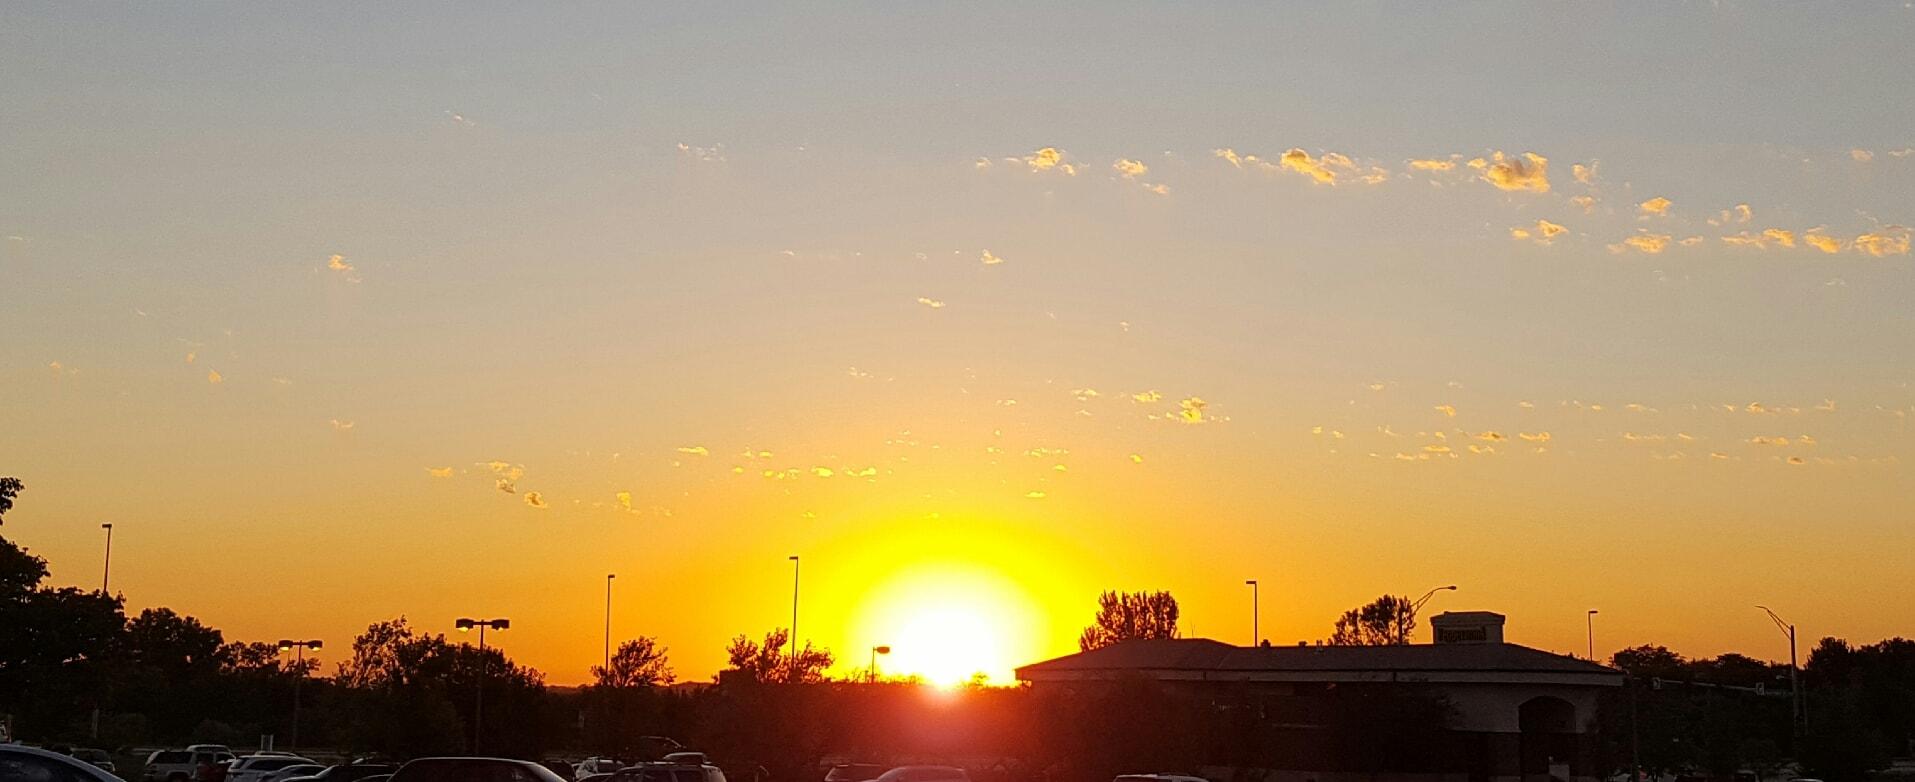 Sunset, Omaha, NE